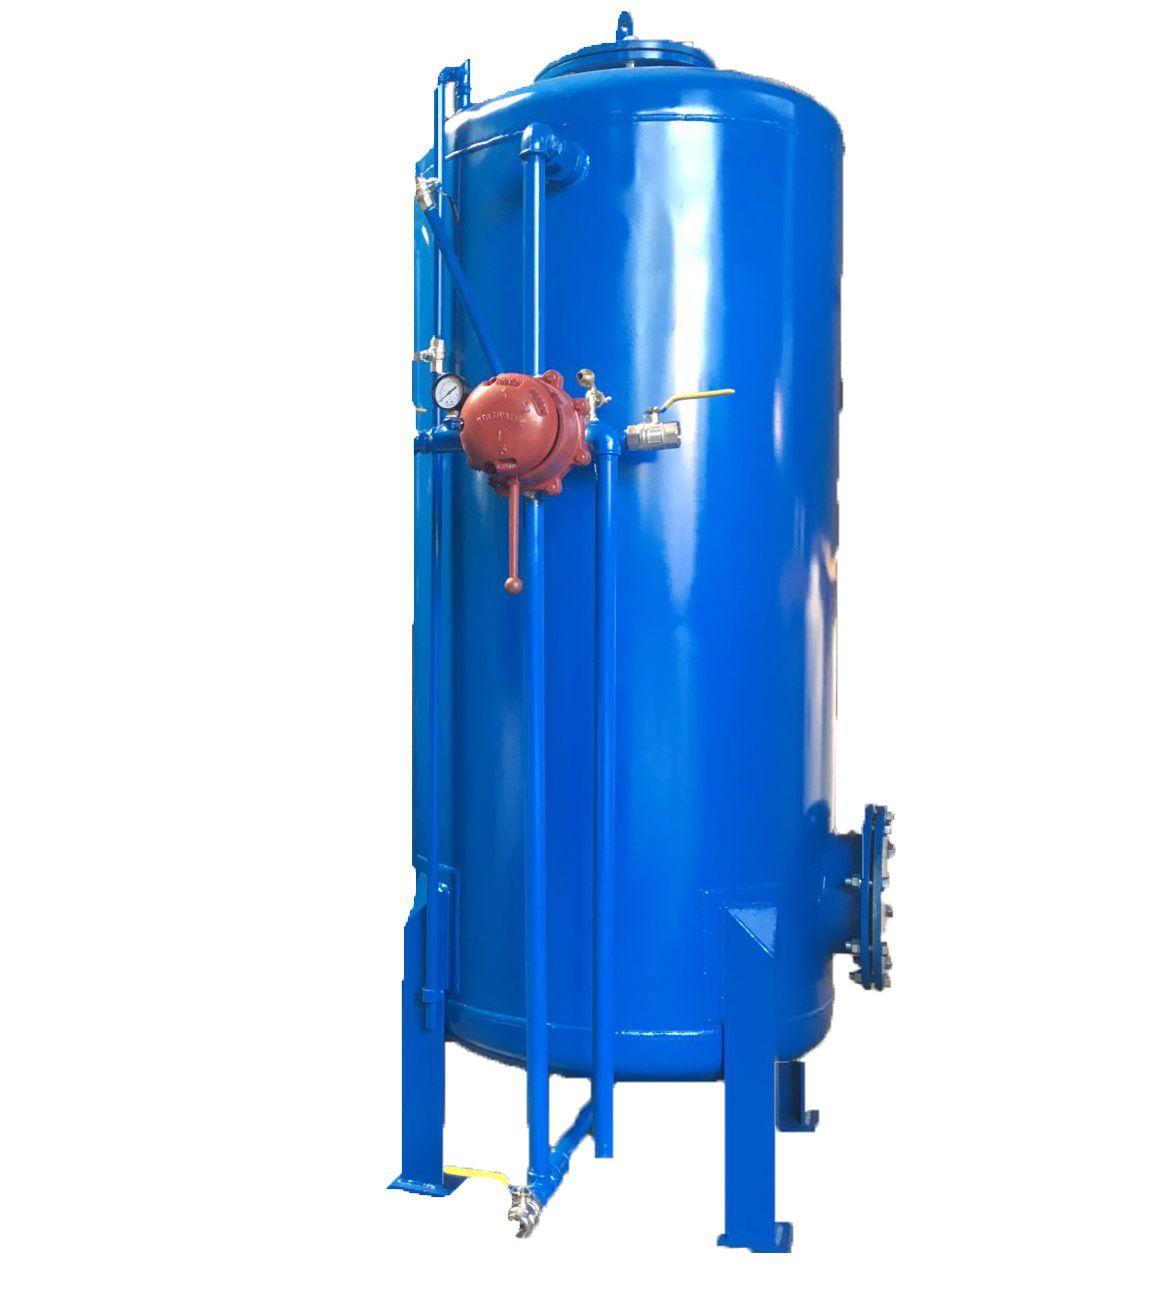 فیلتر سختی گیر رزینی فلزی رخشاب با ظرفیت 30 کیلو گرین